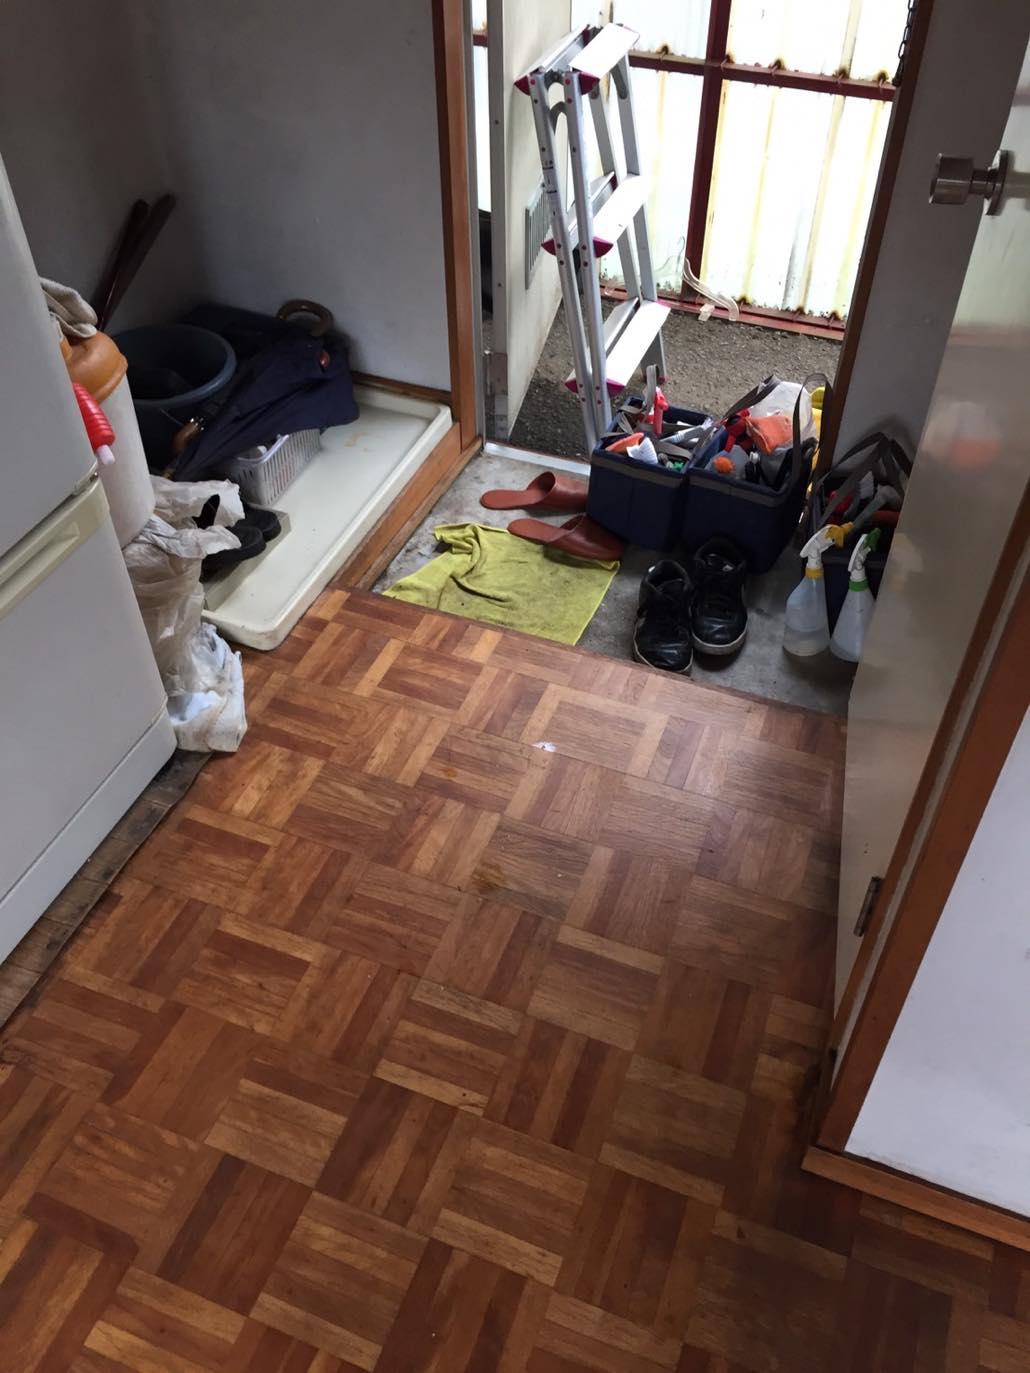 感動のハウスクリーニングサービス?!/ 台所・キッチンのクリーニング・床洗浄付き